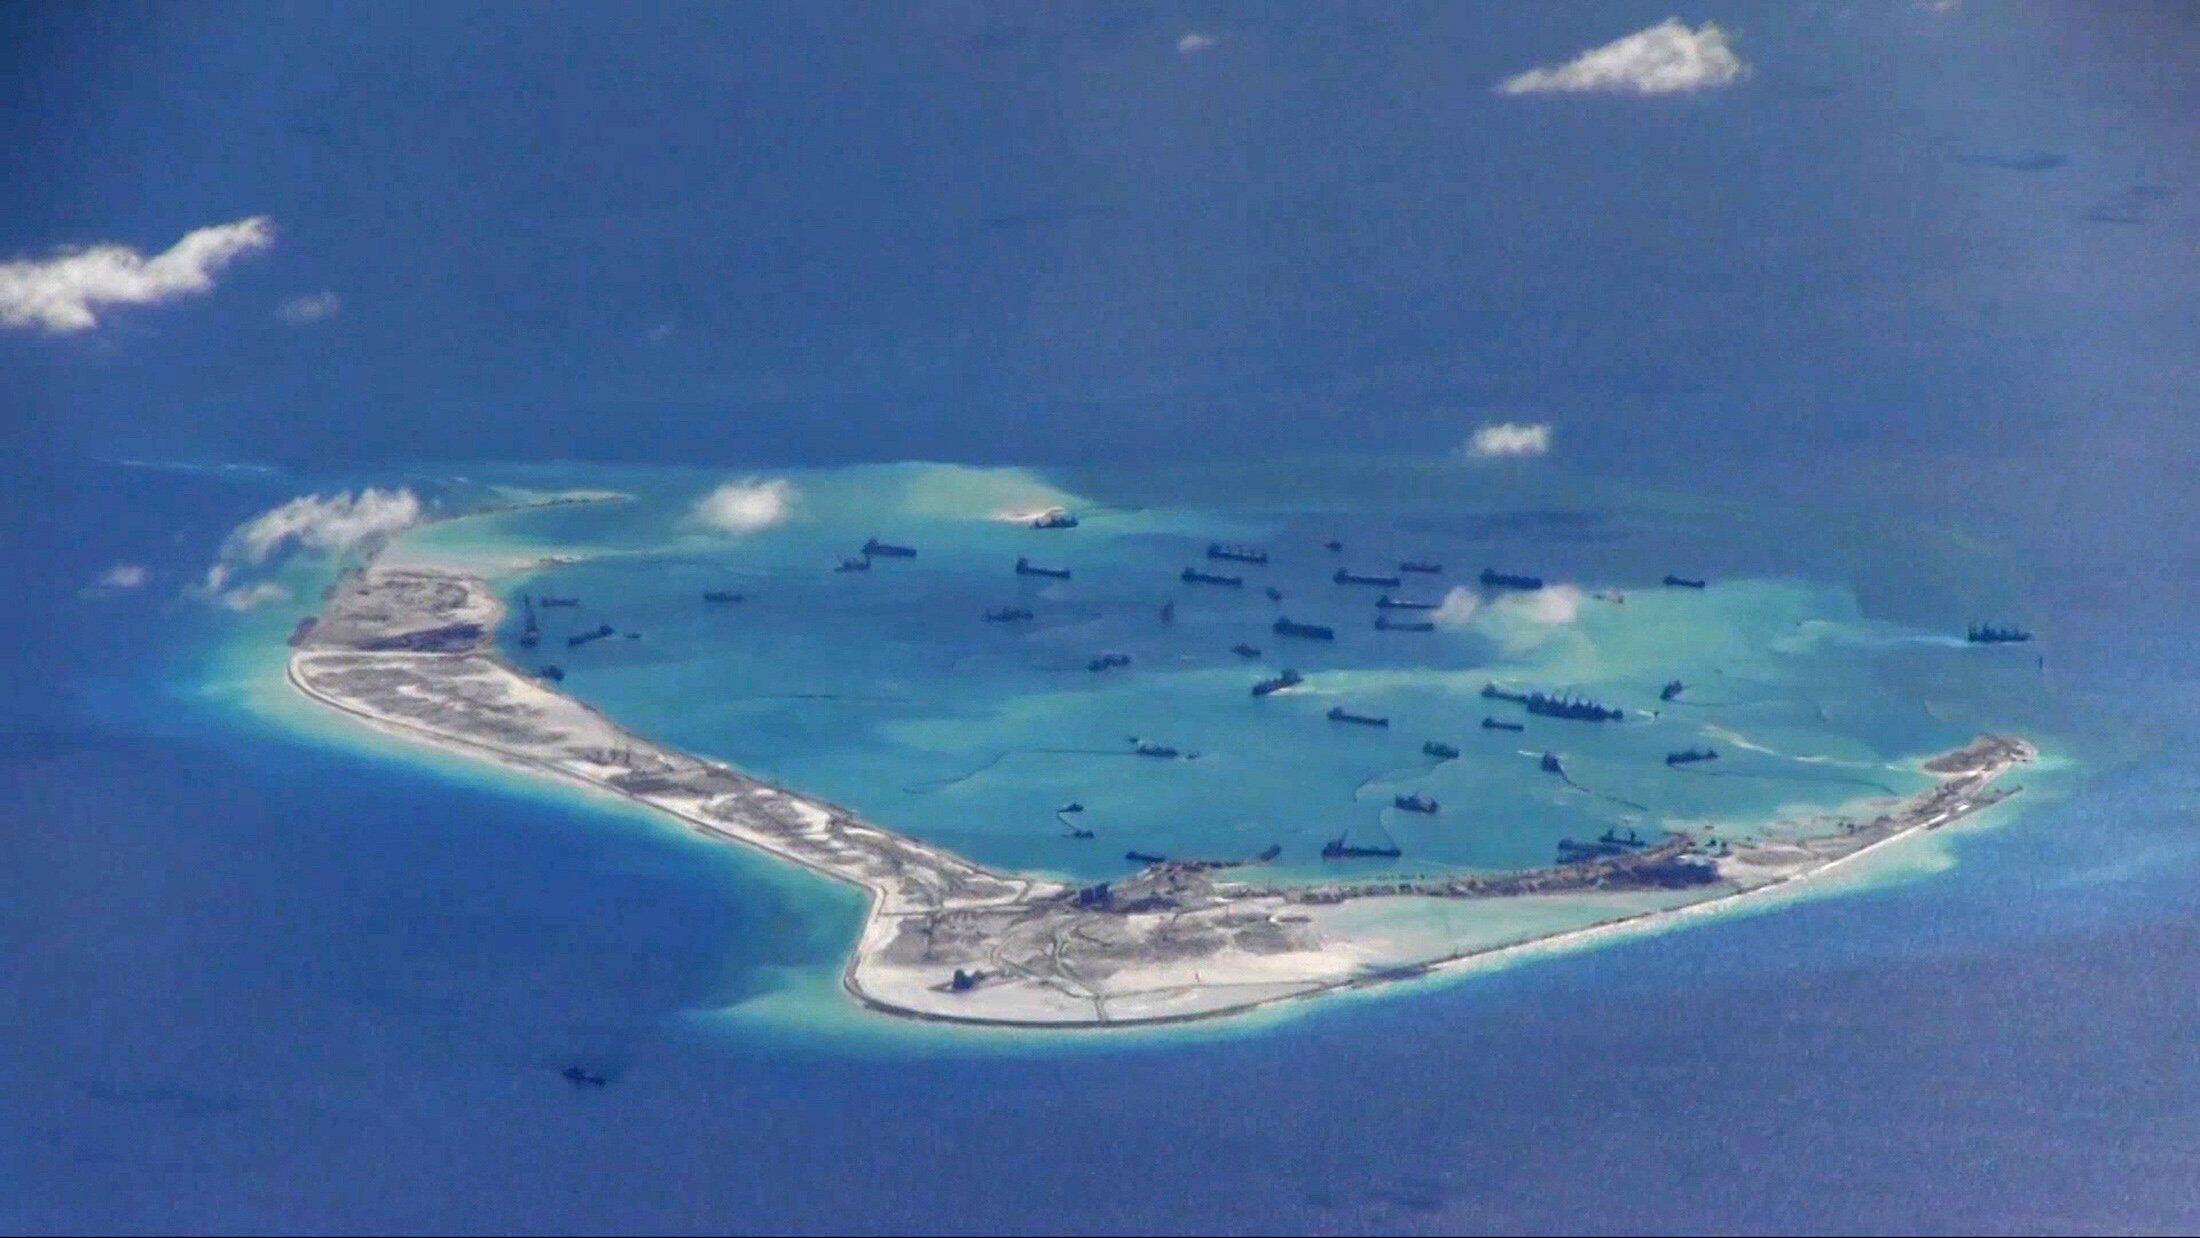 Đá Vành Khăn, Trường Sa, một trong những đá mà Trung Quốc bồi đắp thành đảo nhân tạo. Ảnh chụp từ máy bay P-8A Poseidon của Mỹ.